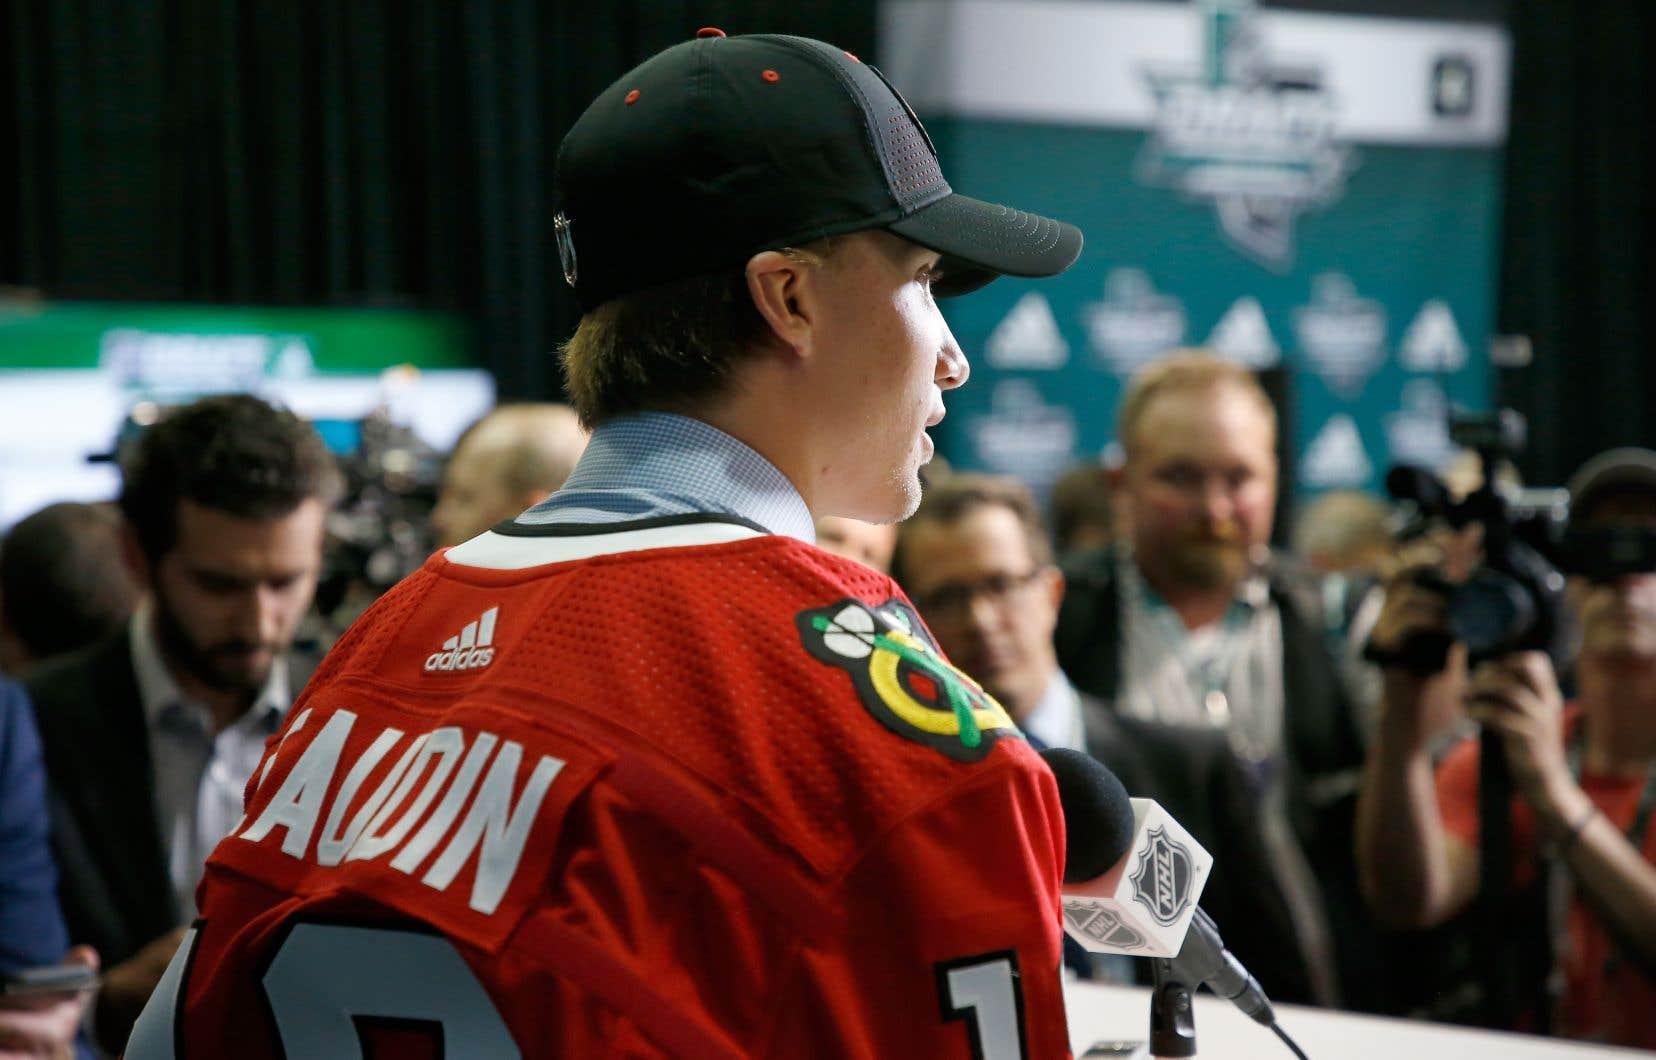 L'an dernier, le défenseur Nicolas Beaudin avait été sélectionné au 27e rang par les Blackhawks de Chicago.